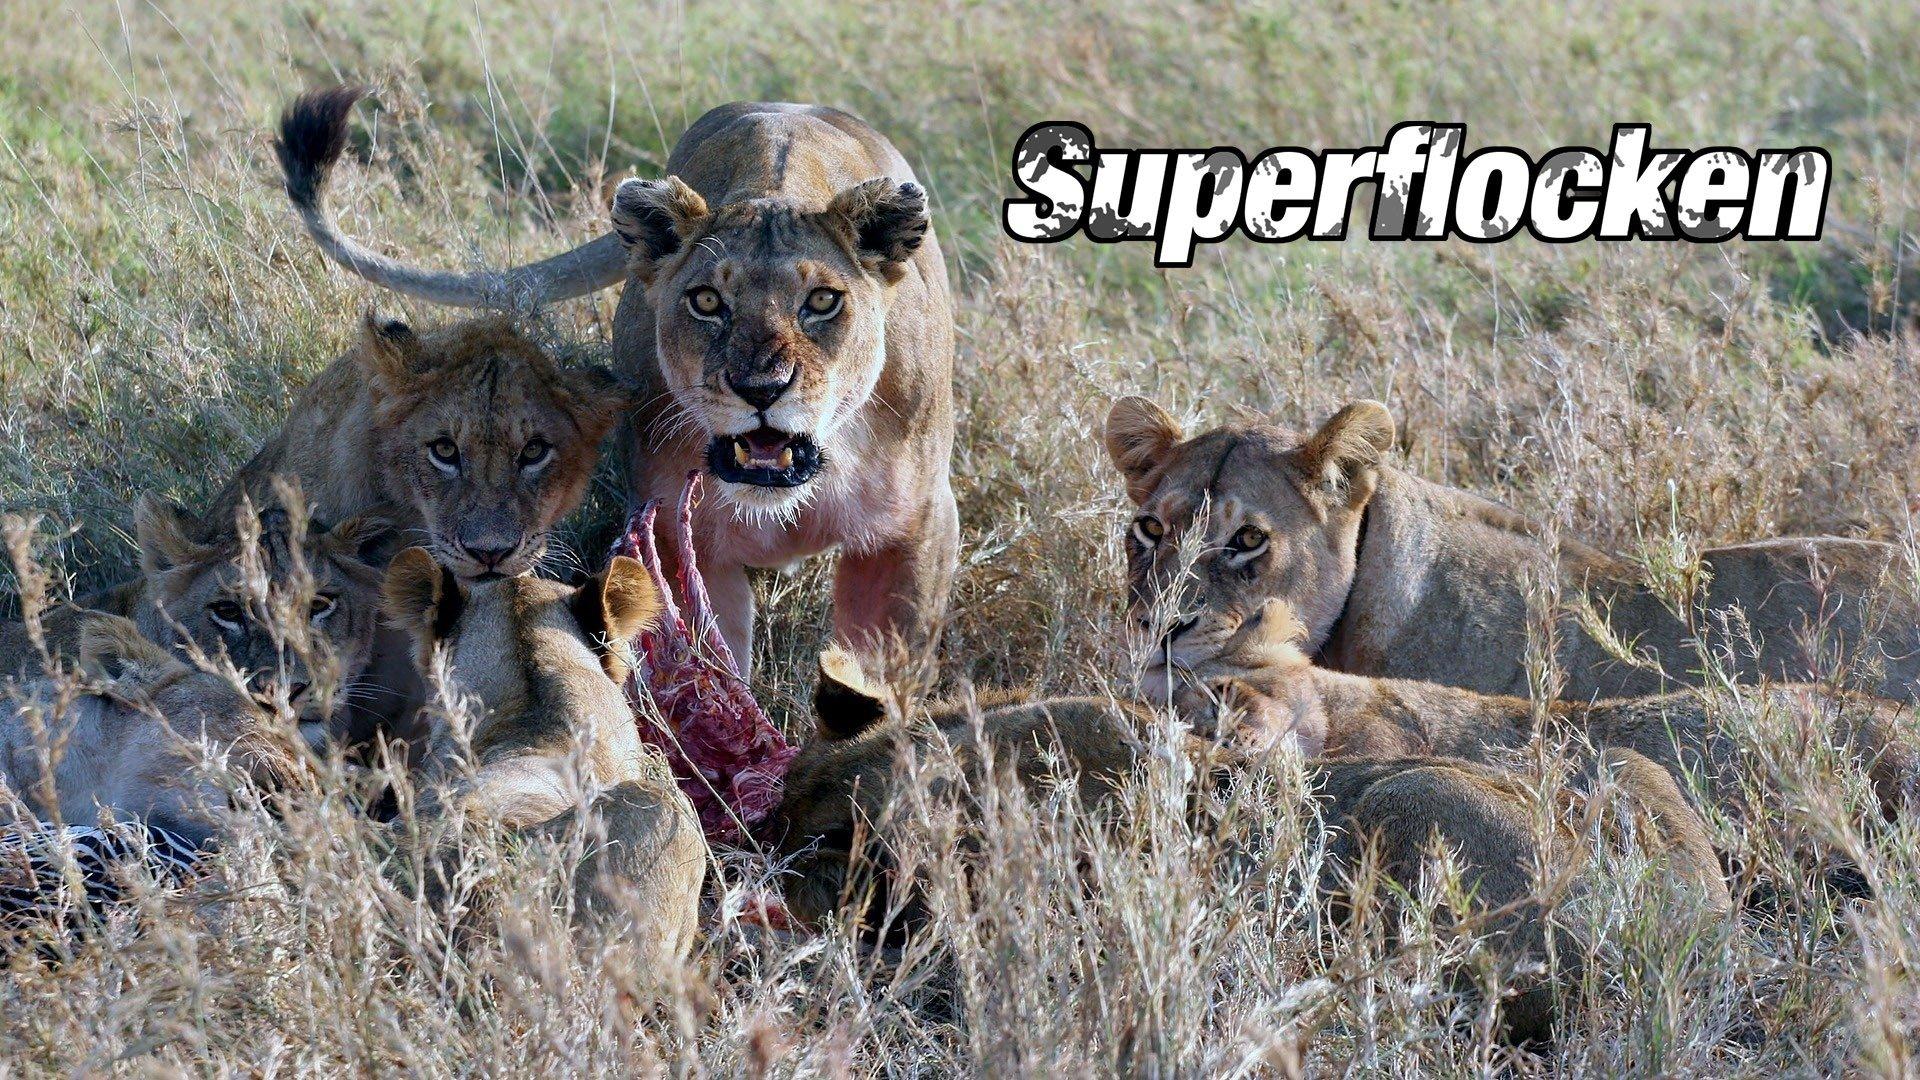 Superflocken